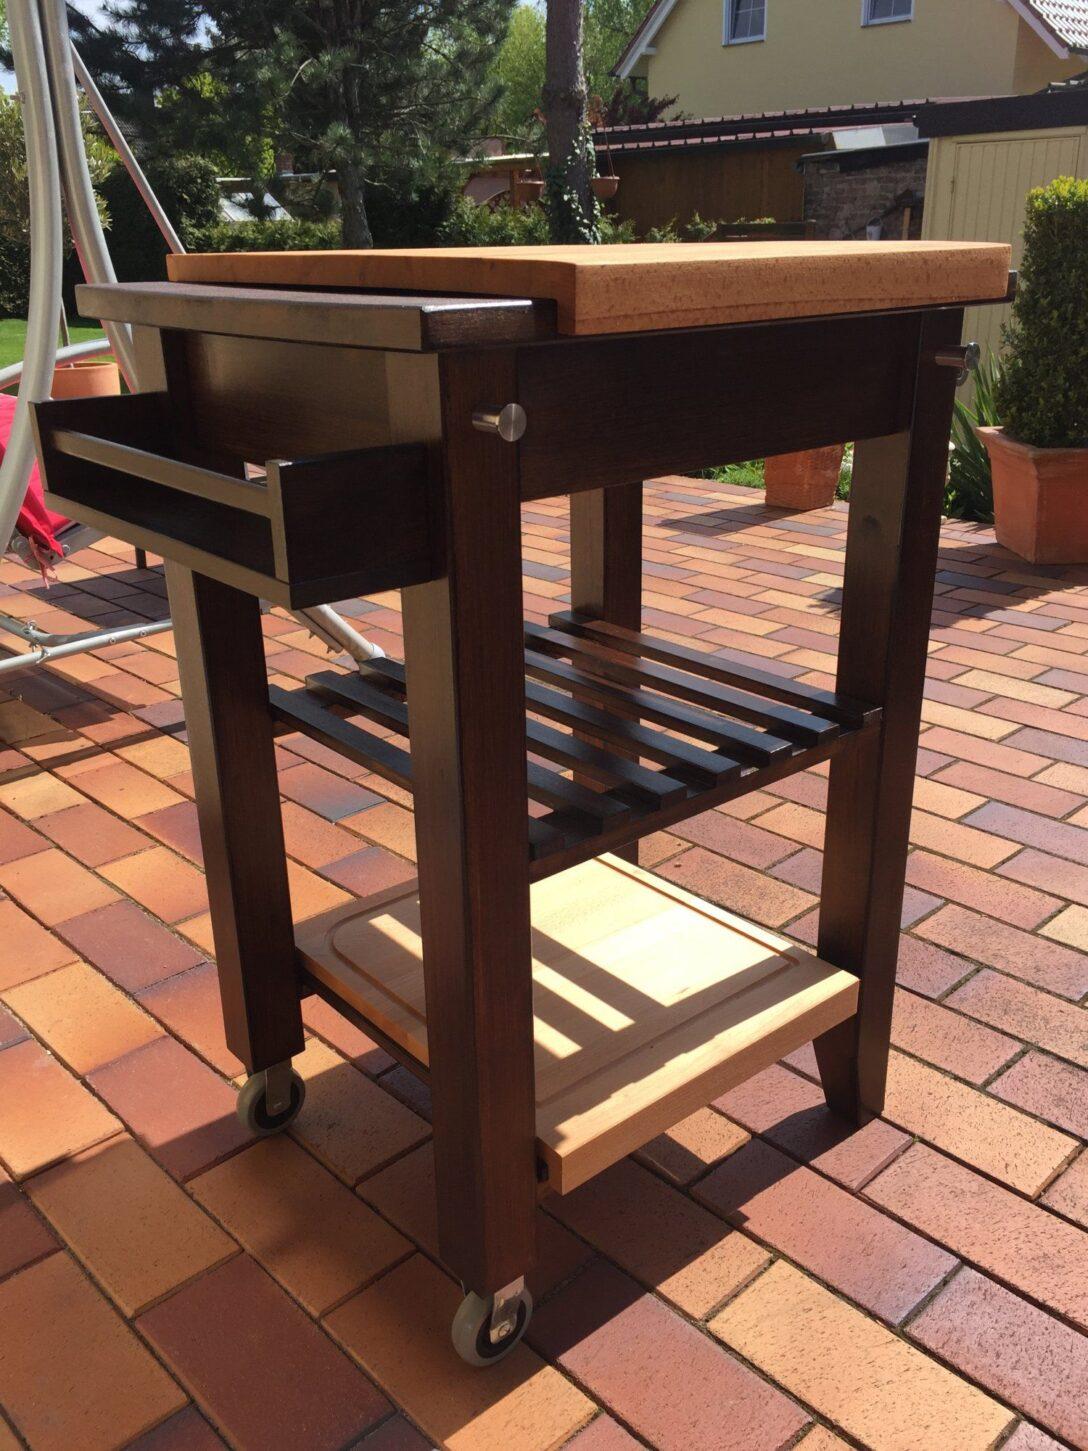 Large Size of Grill Beistelltisch Ikea Weber Tisch Pin Auf For The Home Küche Kosten Garten Betten 160x200 Sofa Mit Schlaffunktion Kaufen Bei Modulküche Grillplatte Wohnzimmer Grill Beistelltisch Ikea